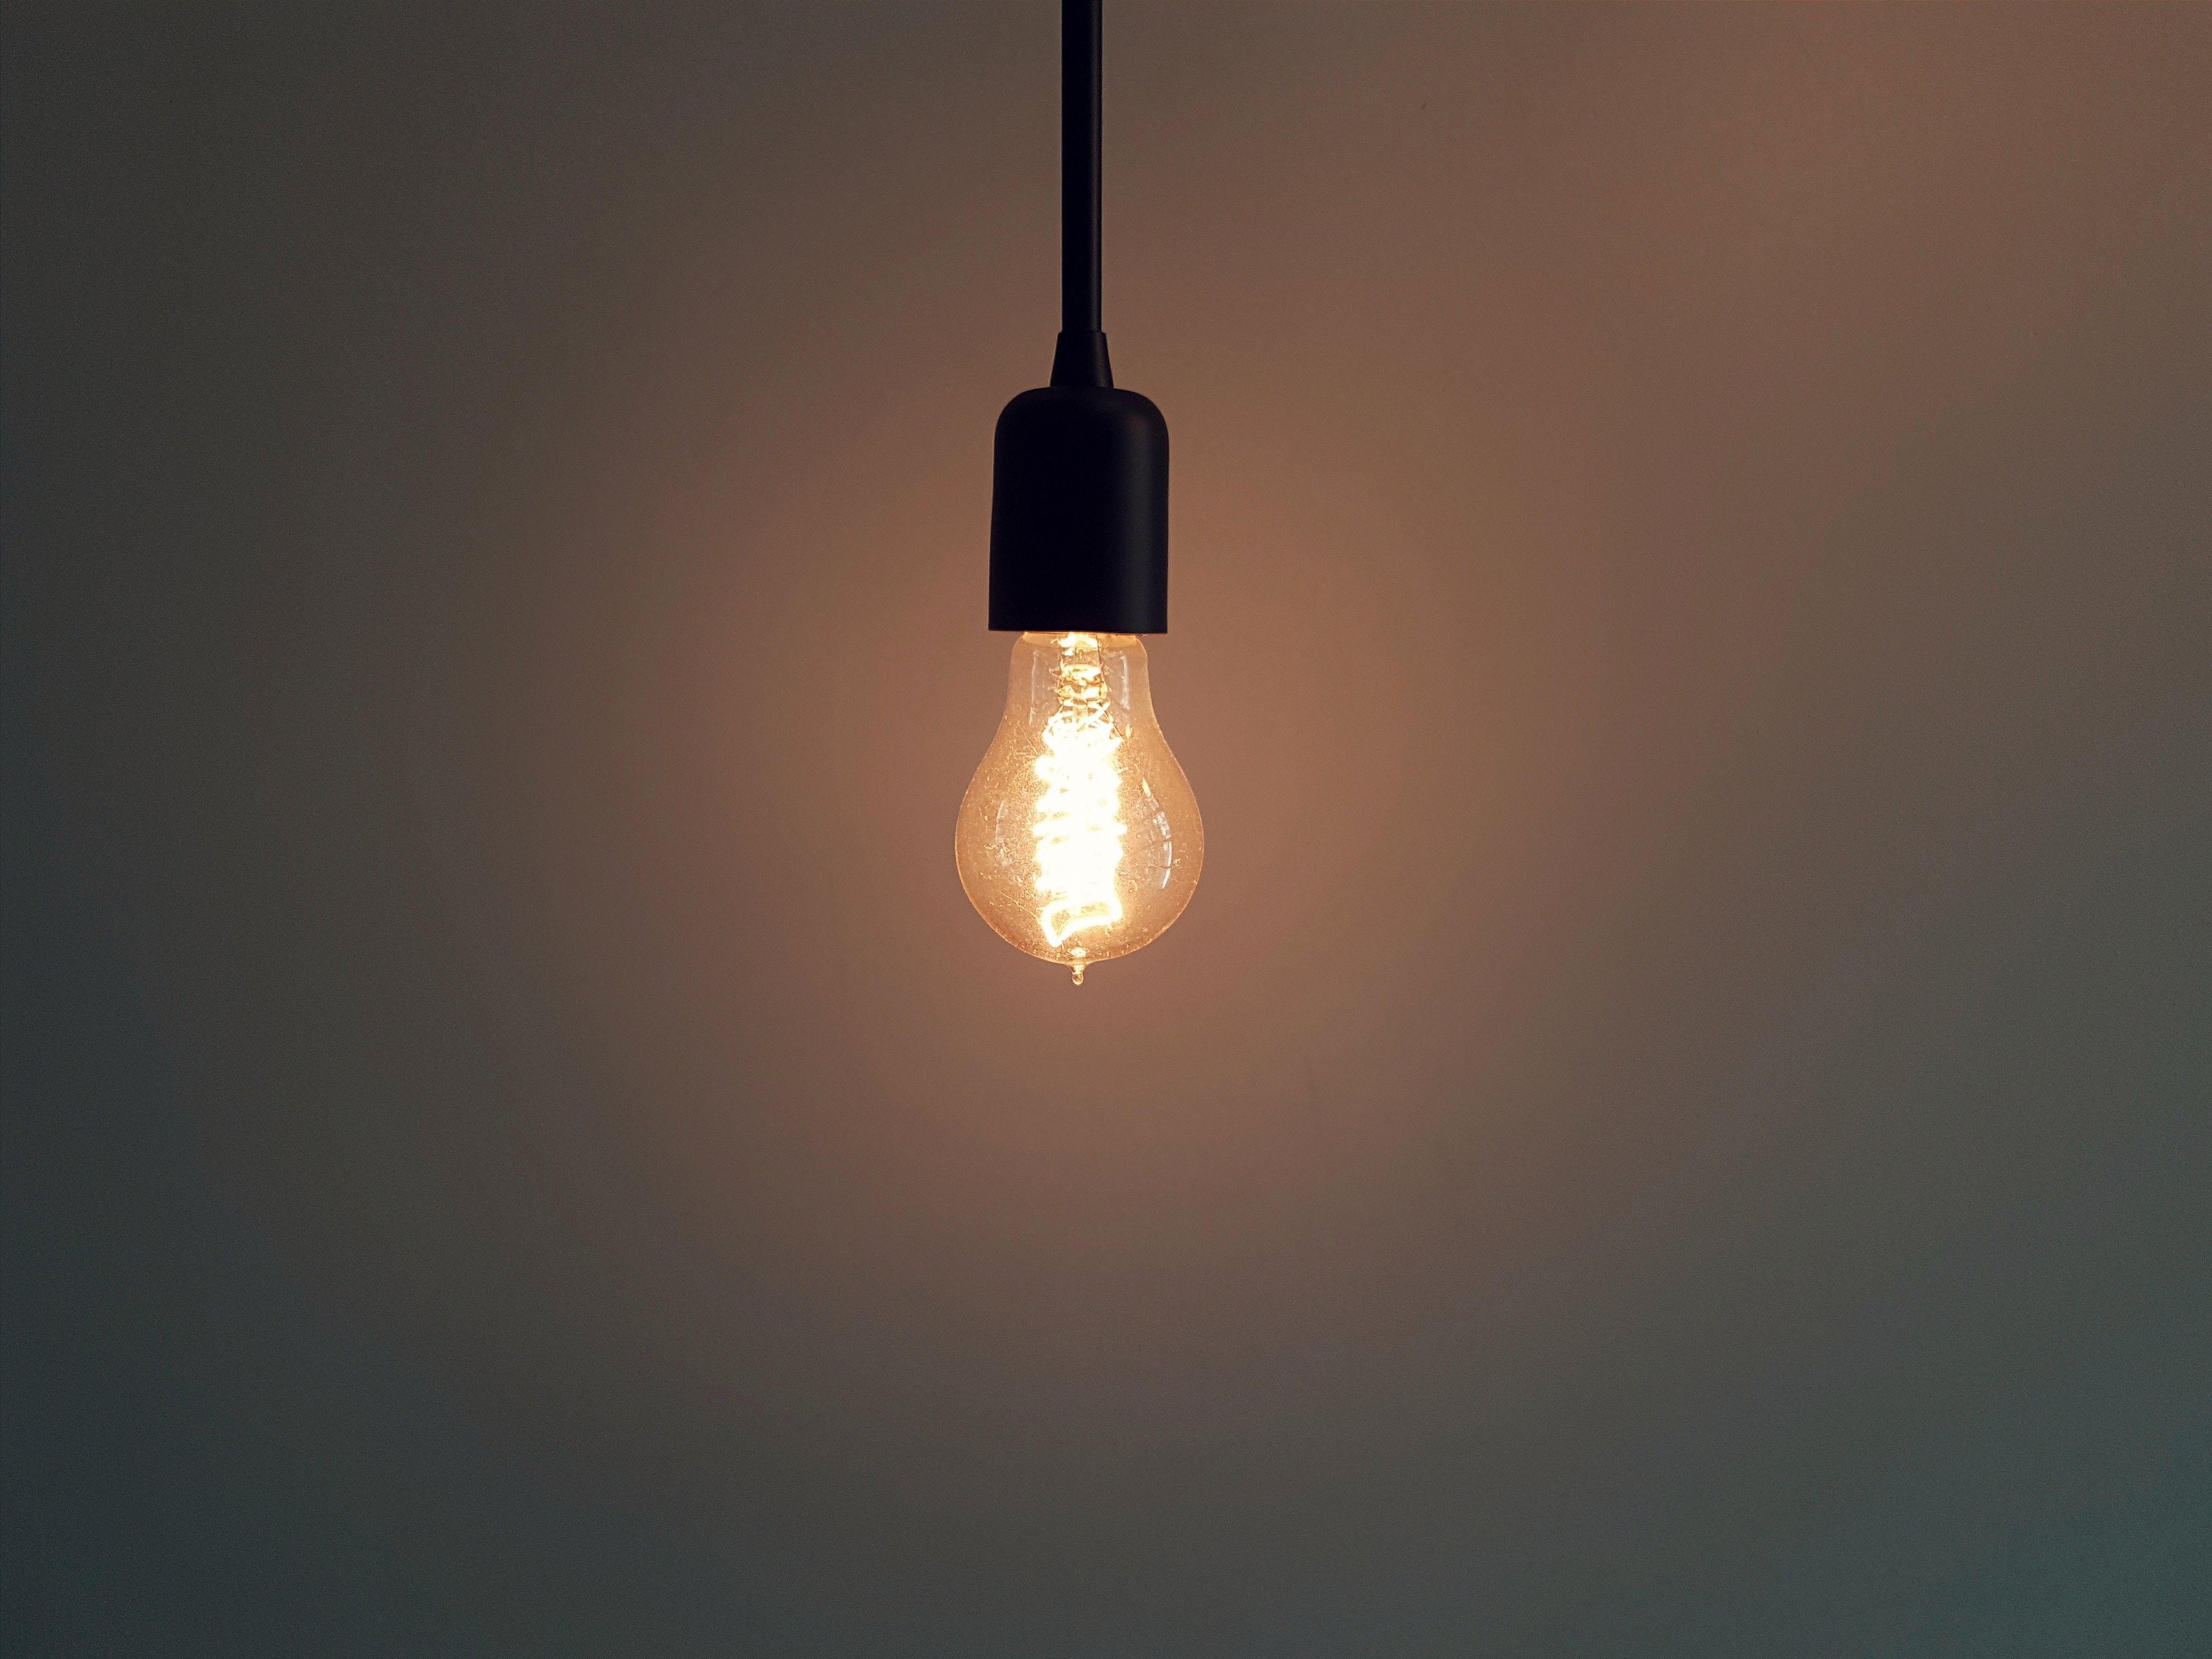 fatura da luz comparamais